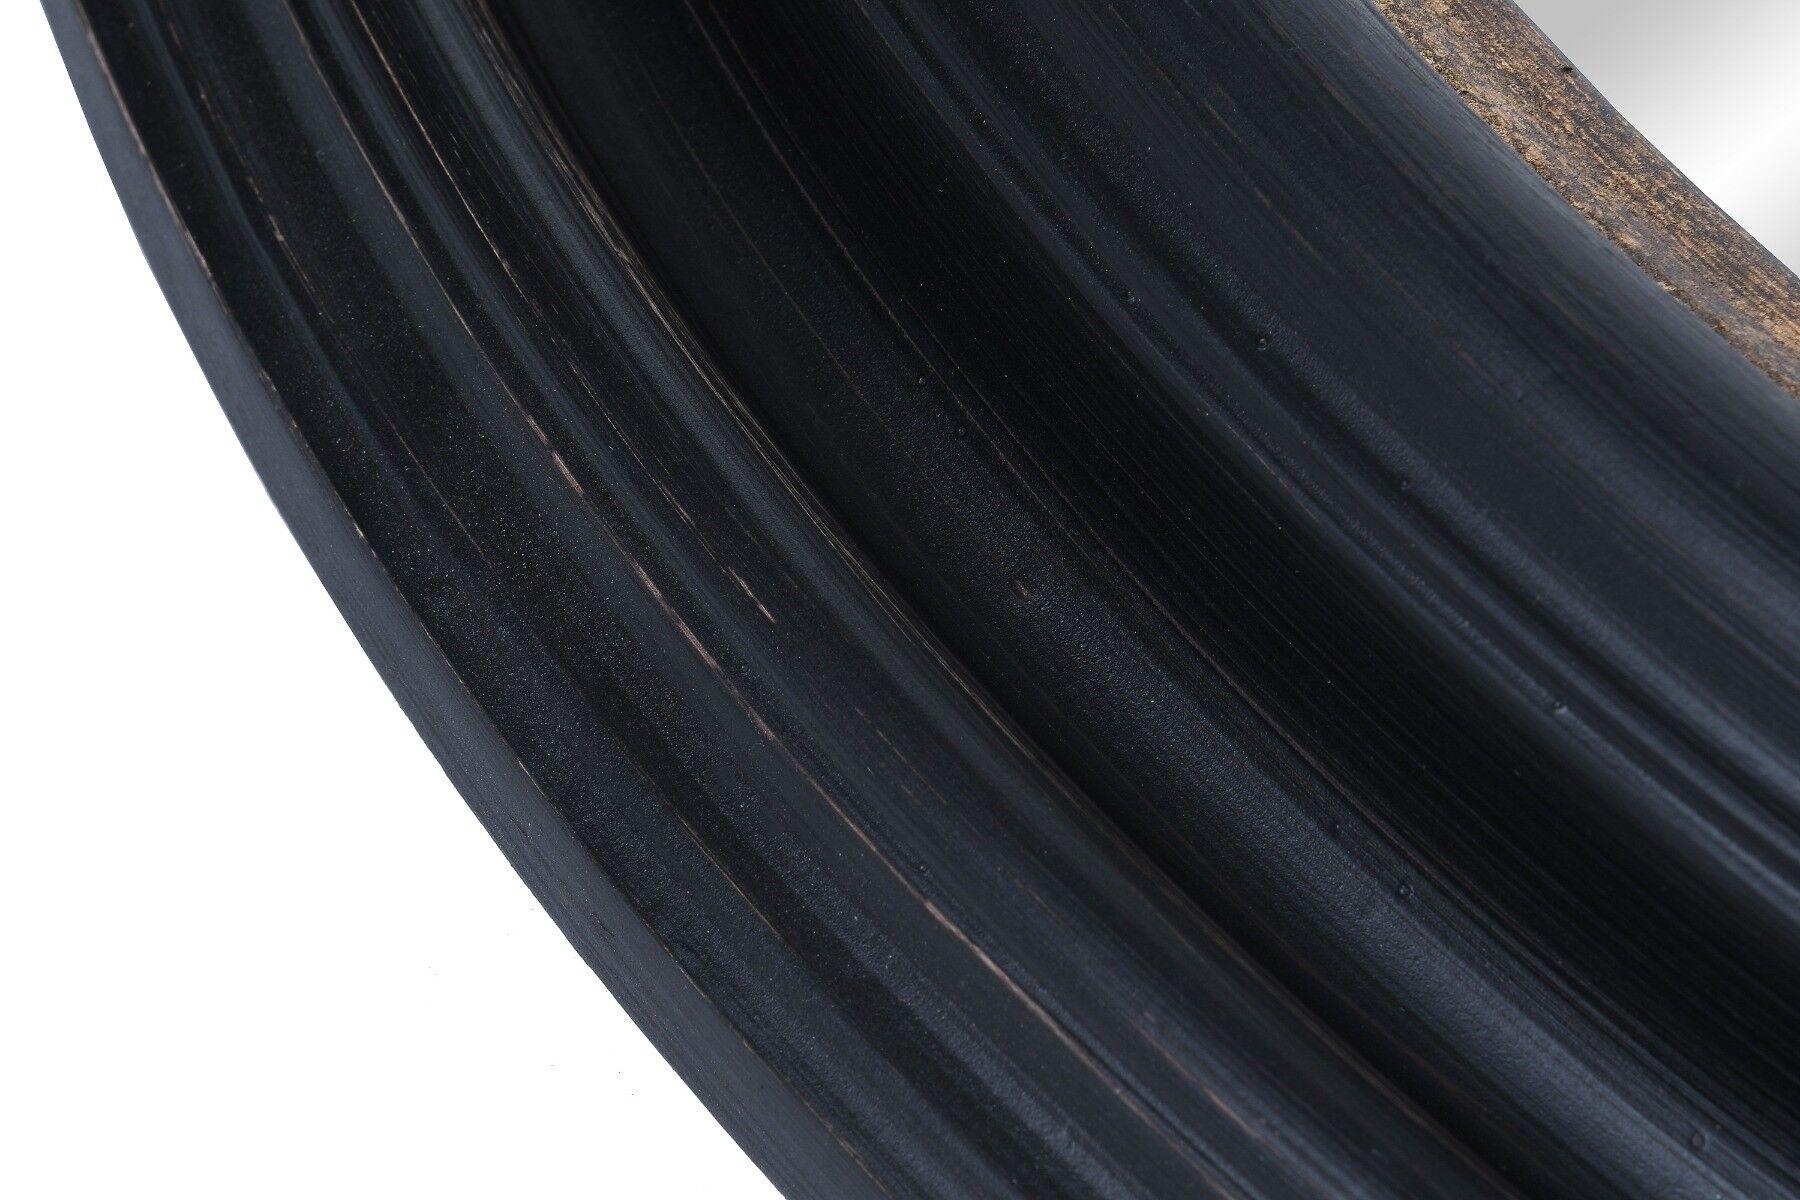 Lustro Doblado Black XL 88x88 cm